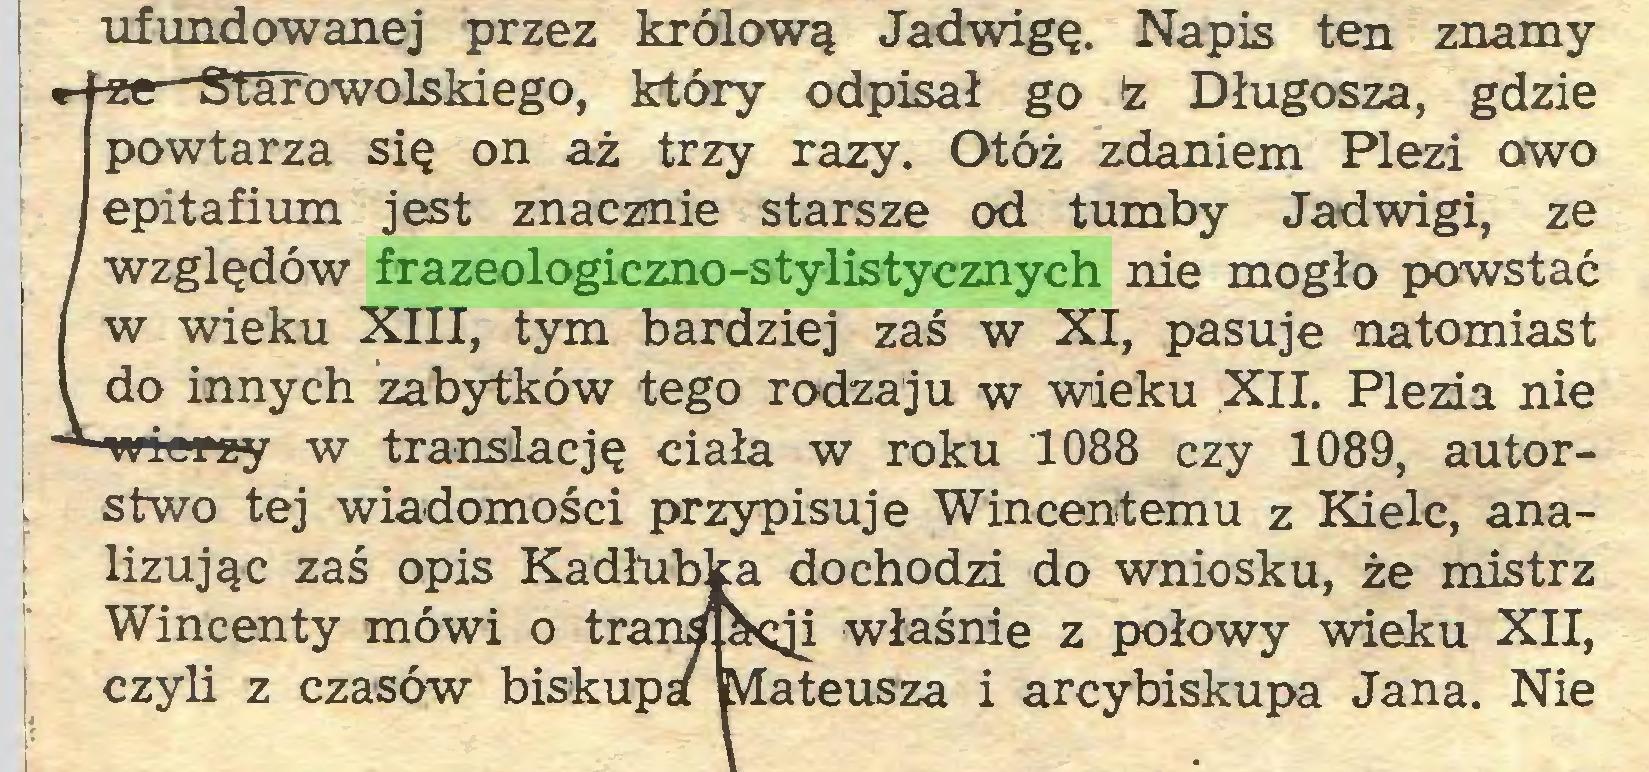 (...) ufundowanej przez królową Jadwigę. Napis ten znamy Sowolskiego, który odpisał go ż Długosza, gdzie a się on aż trzy razy. Otóż zdaniem Plezi owo n jest znacznie starsze od tumby Jadwigi, ze w frazeologiczno-stylistycznych nie mogło powstać i XIII, tym bardziej zaś w XI, pasuje natomiast :h zabytków tego rodzaju w wieku XII. Plezia nie w translację ciała w roku 1088 czy 1089, autorstwo tej wiadomości przypisuje Wincentemu z Kielc, analizując zaś opis Kadłubka dochodzi do wniosku, że mistrz Wincenty mówi o trangpęji właśnie z połowy wieku XII, czyli z czasów biskupa Mateusza i arcybiskupa Jana. Nie...